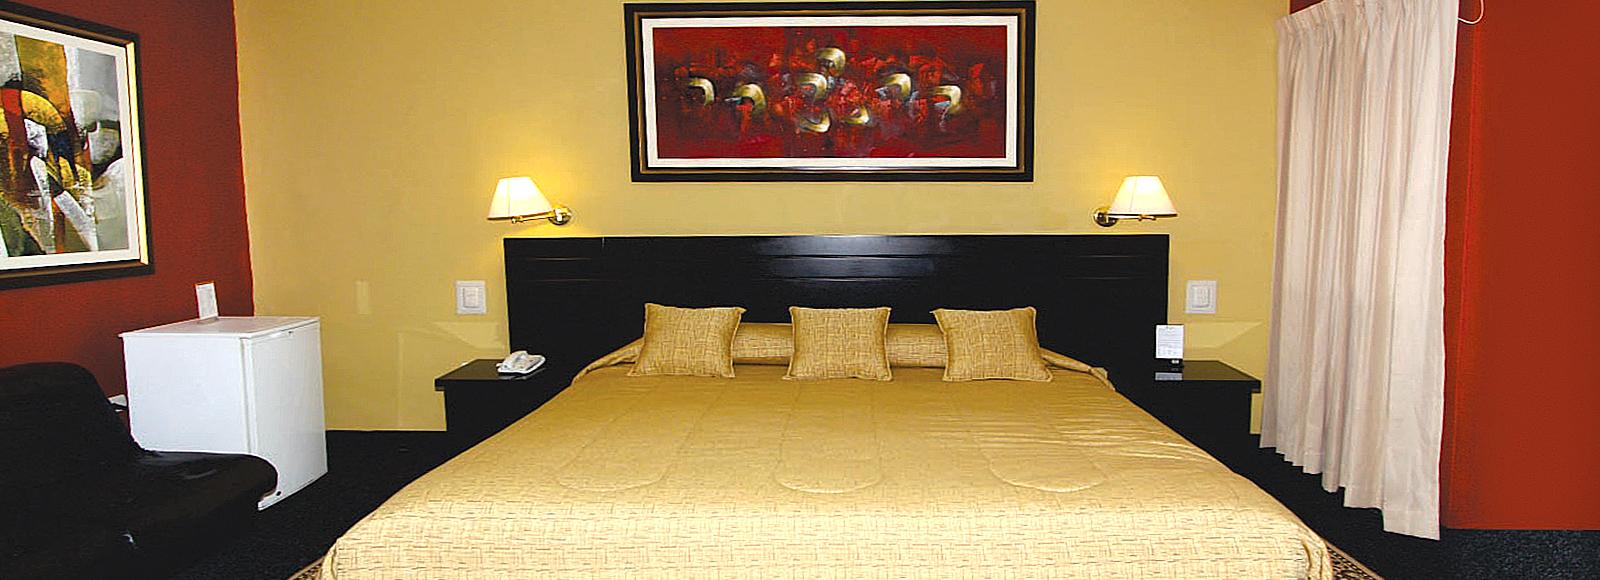 Hotel_Portal_Marques 1